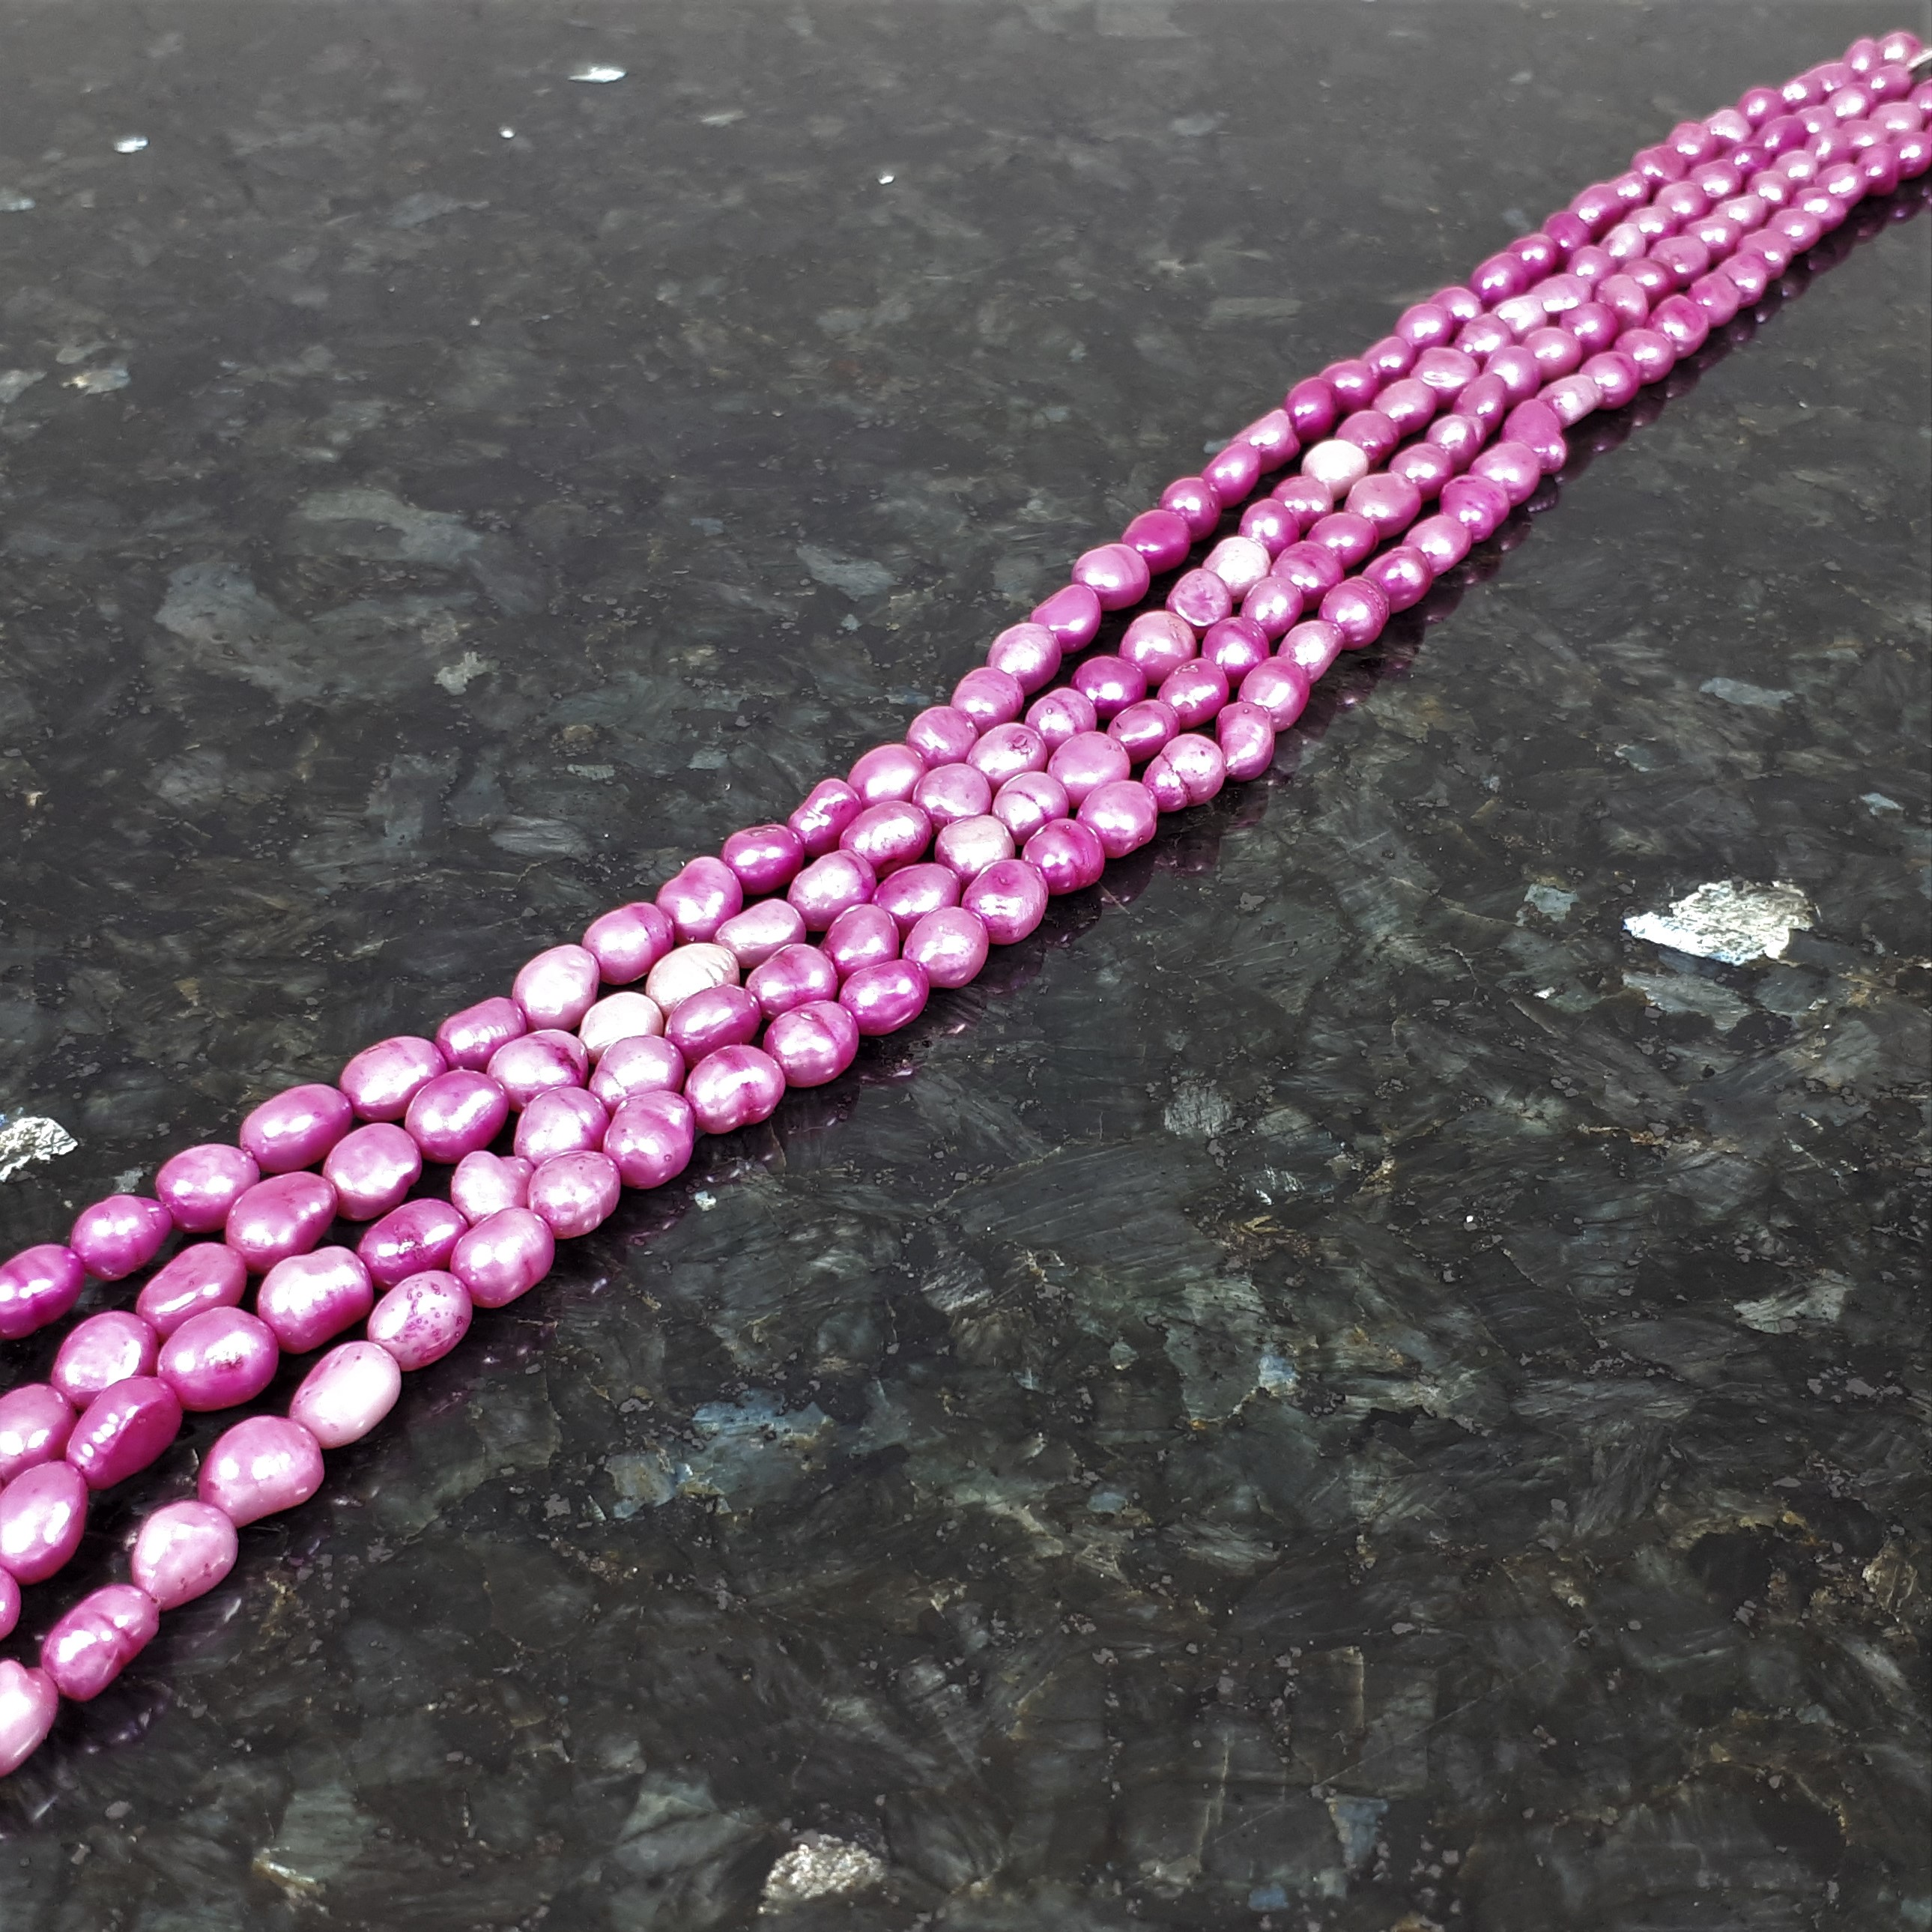 Cerisefärgade pärlor  7-8 mm